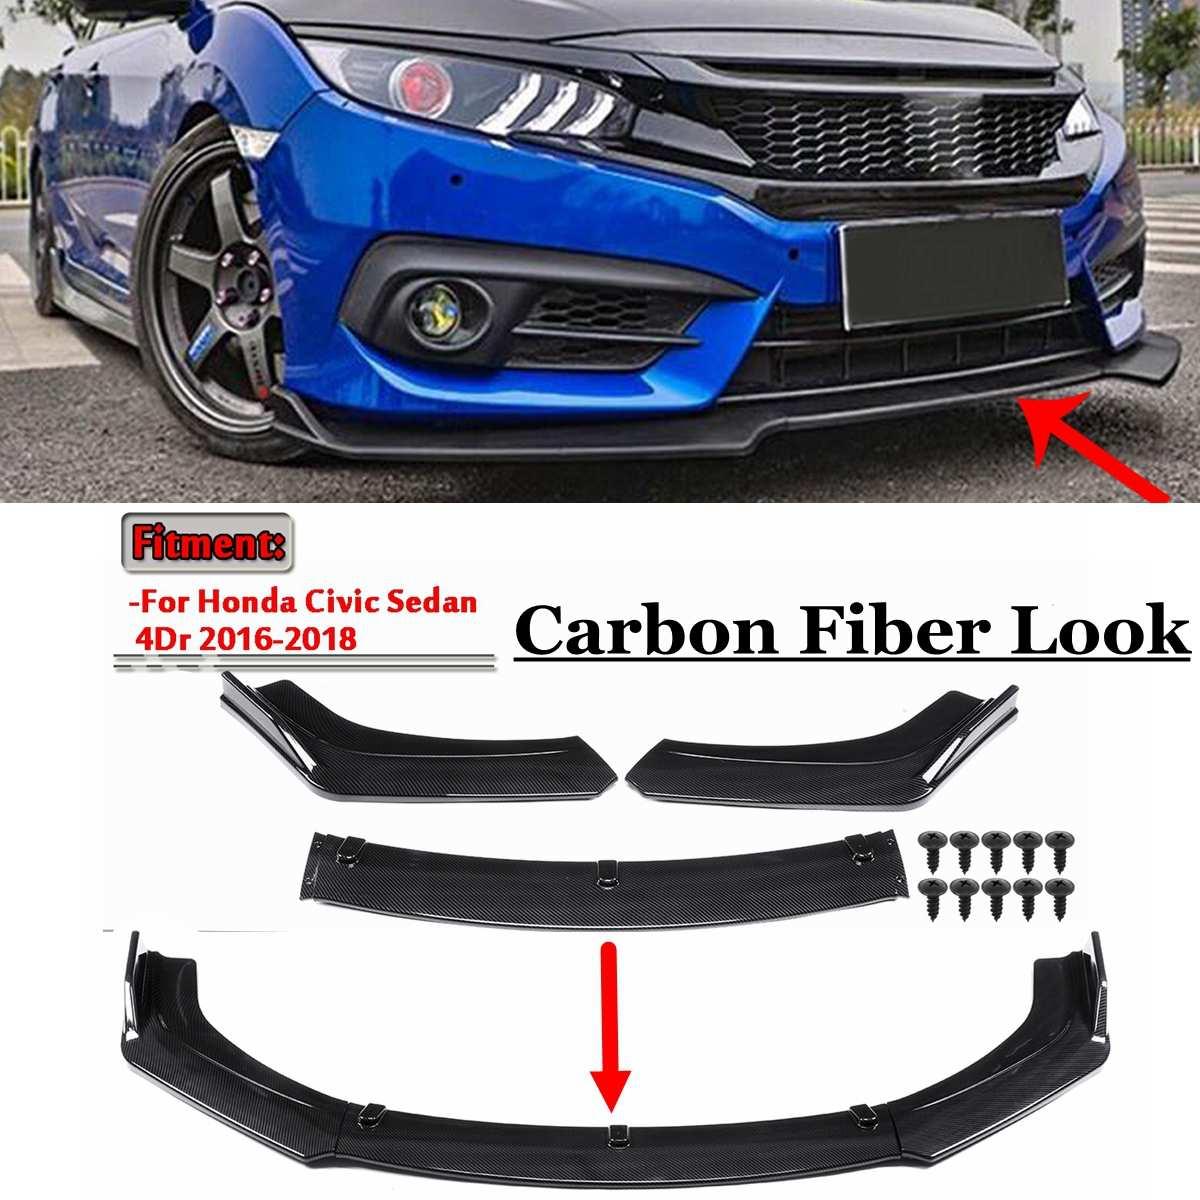 Carbon Fiber Pattern Front Bumper Spoiler Lip Splitter Body Kit Set Fit for 2016-2018 Honda Civic Sedan 4DR